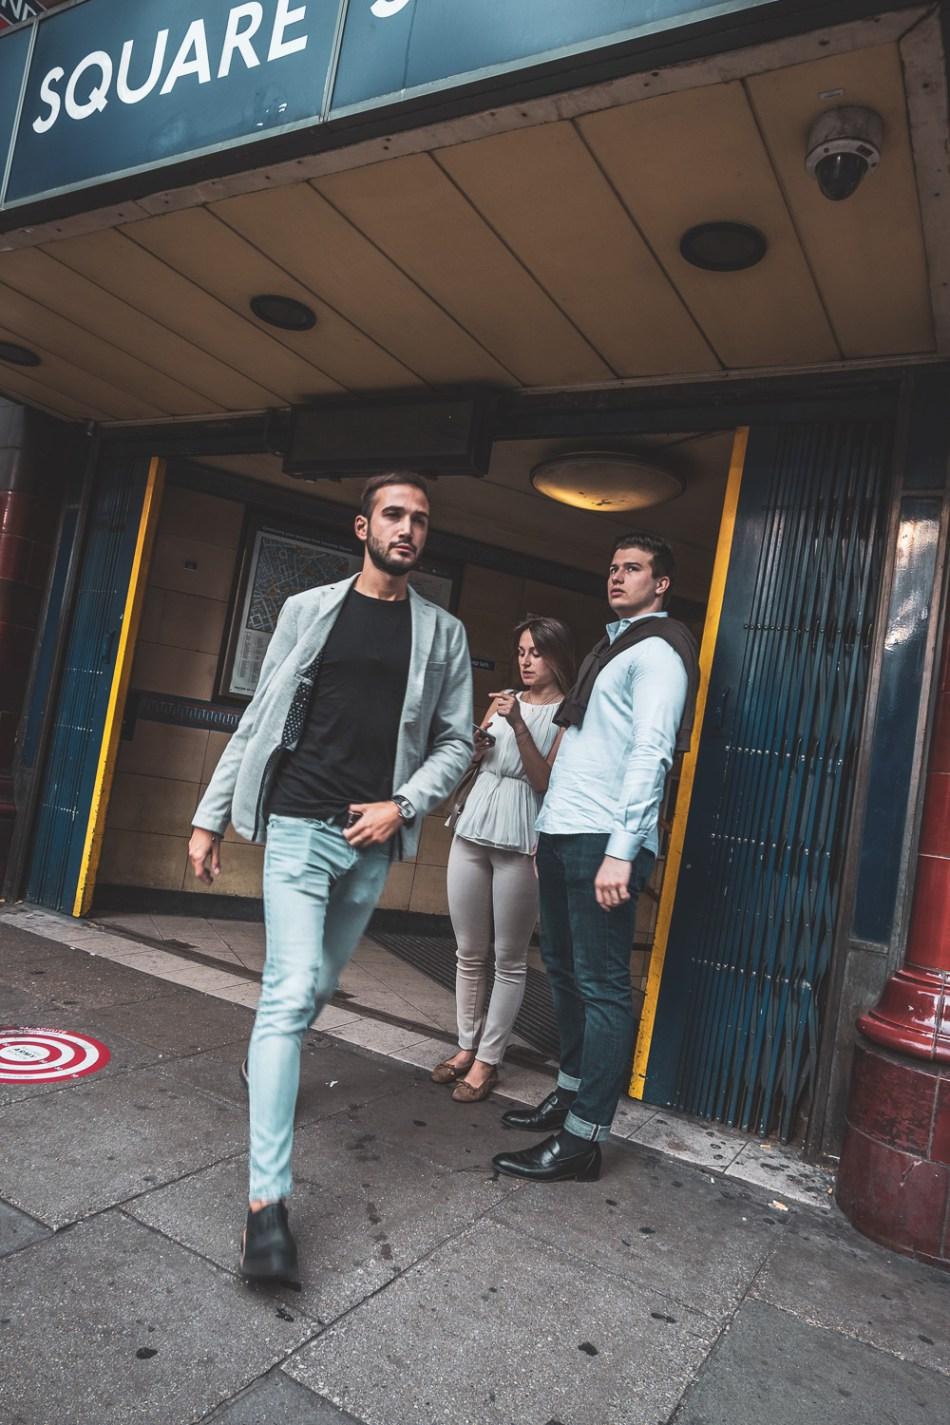 Focus tracking man walking - street photography